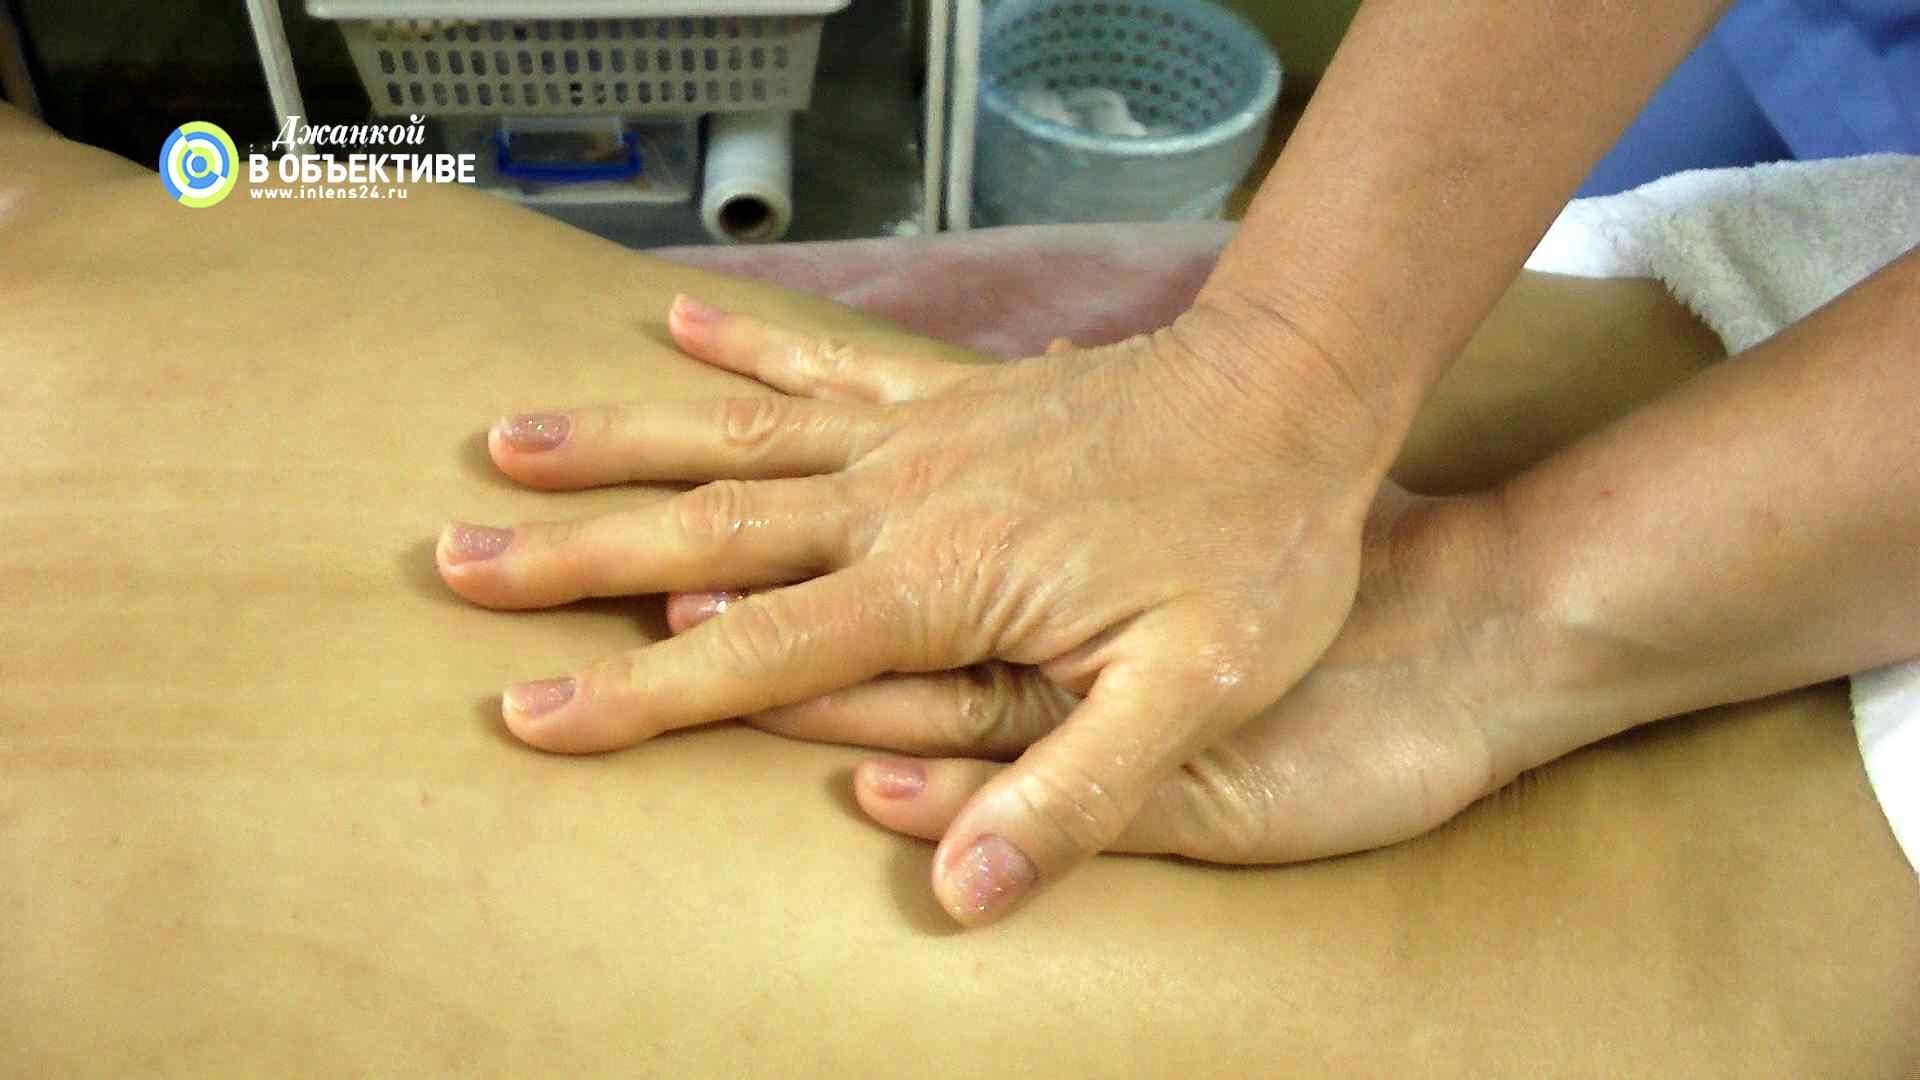 Школа профессионального массажа. Джанкой